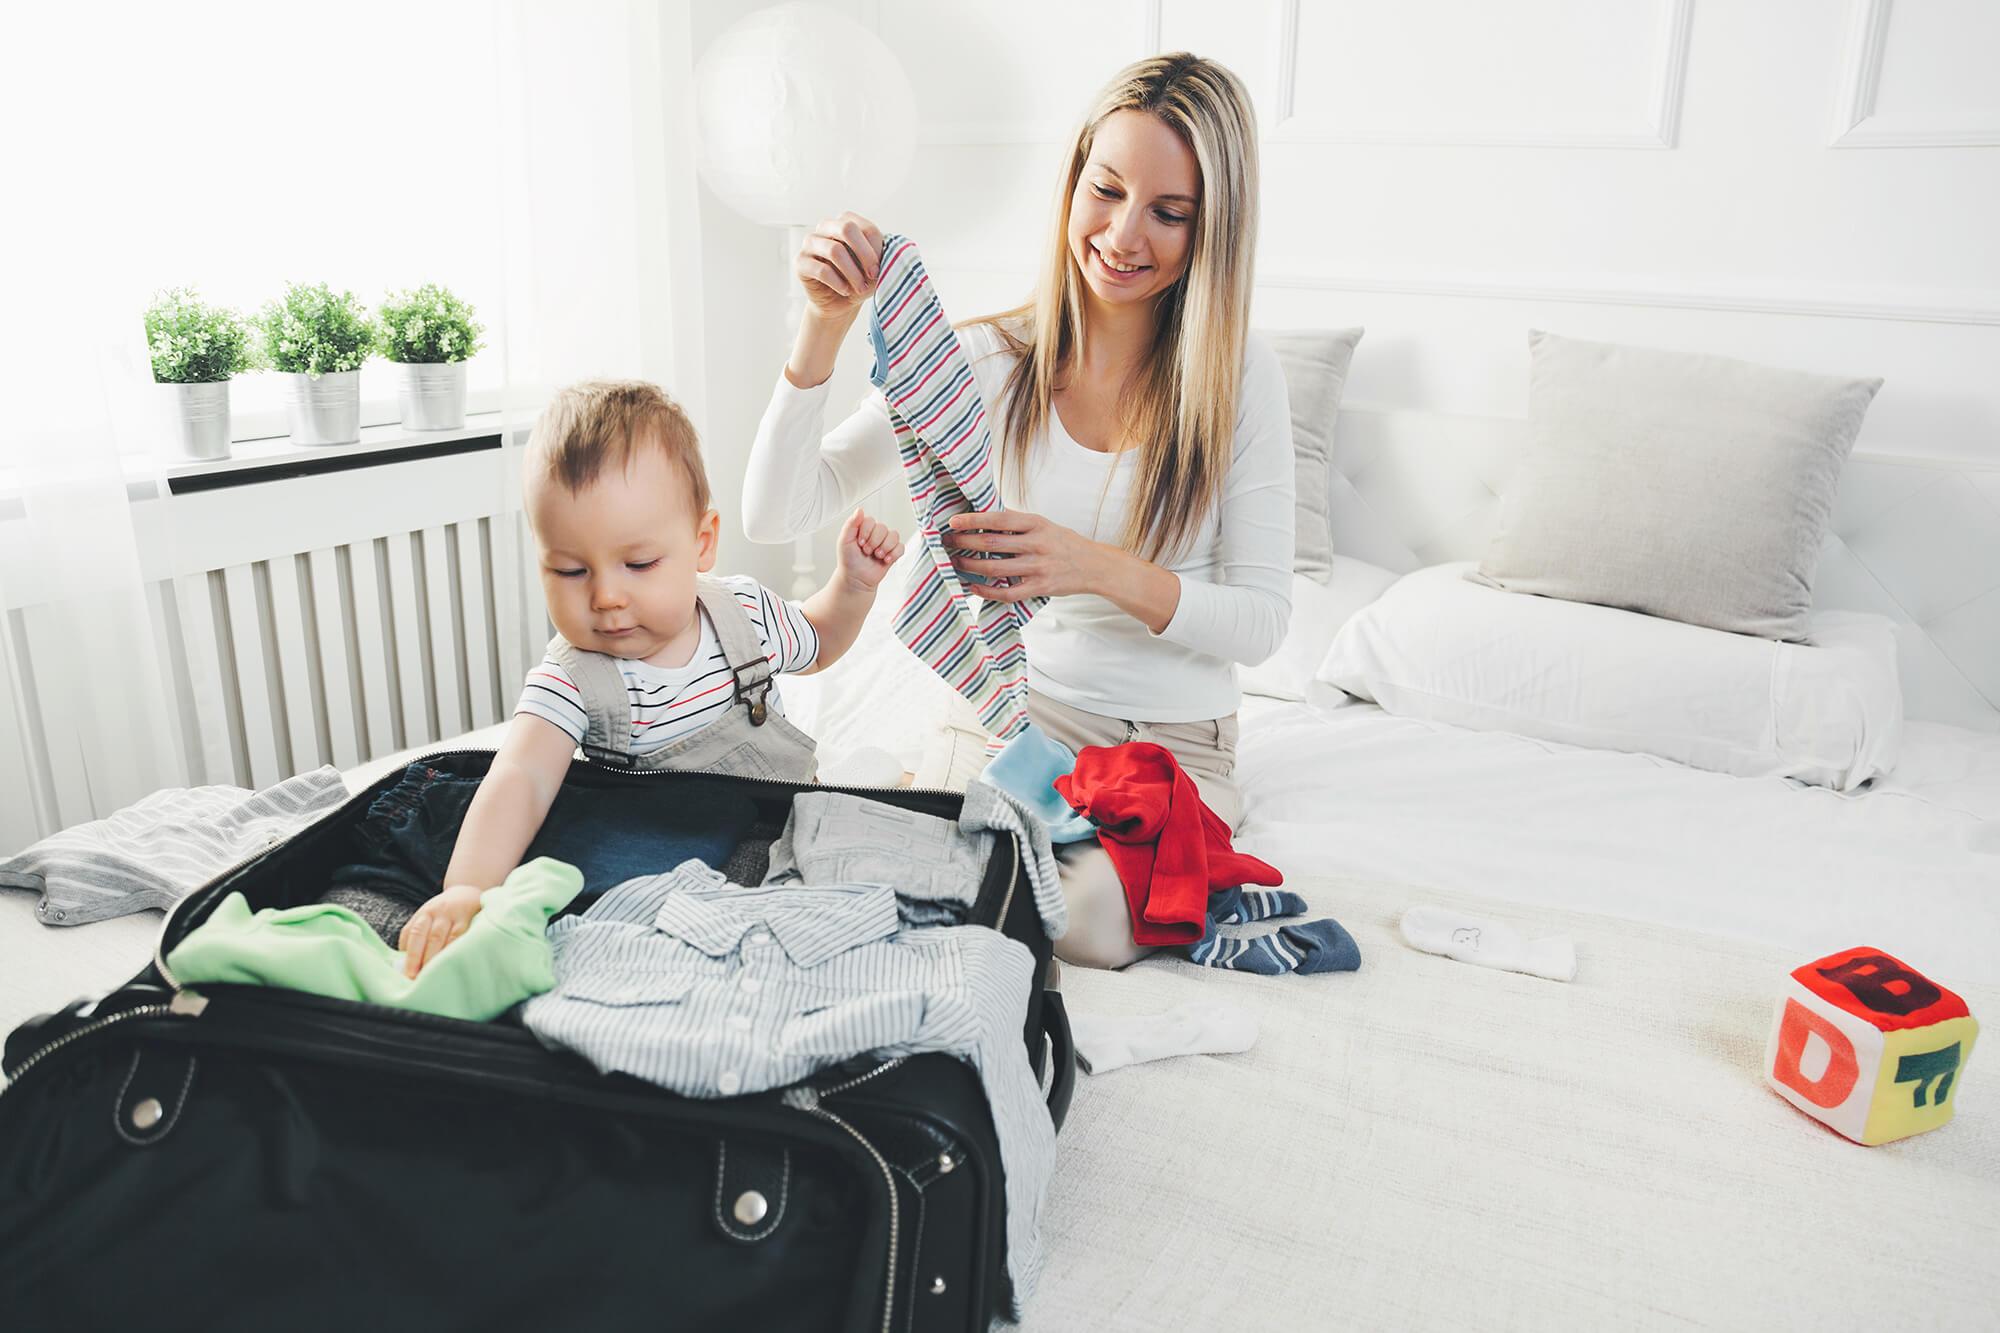 Mutter und Kleinkind packen Koffer.